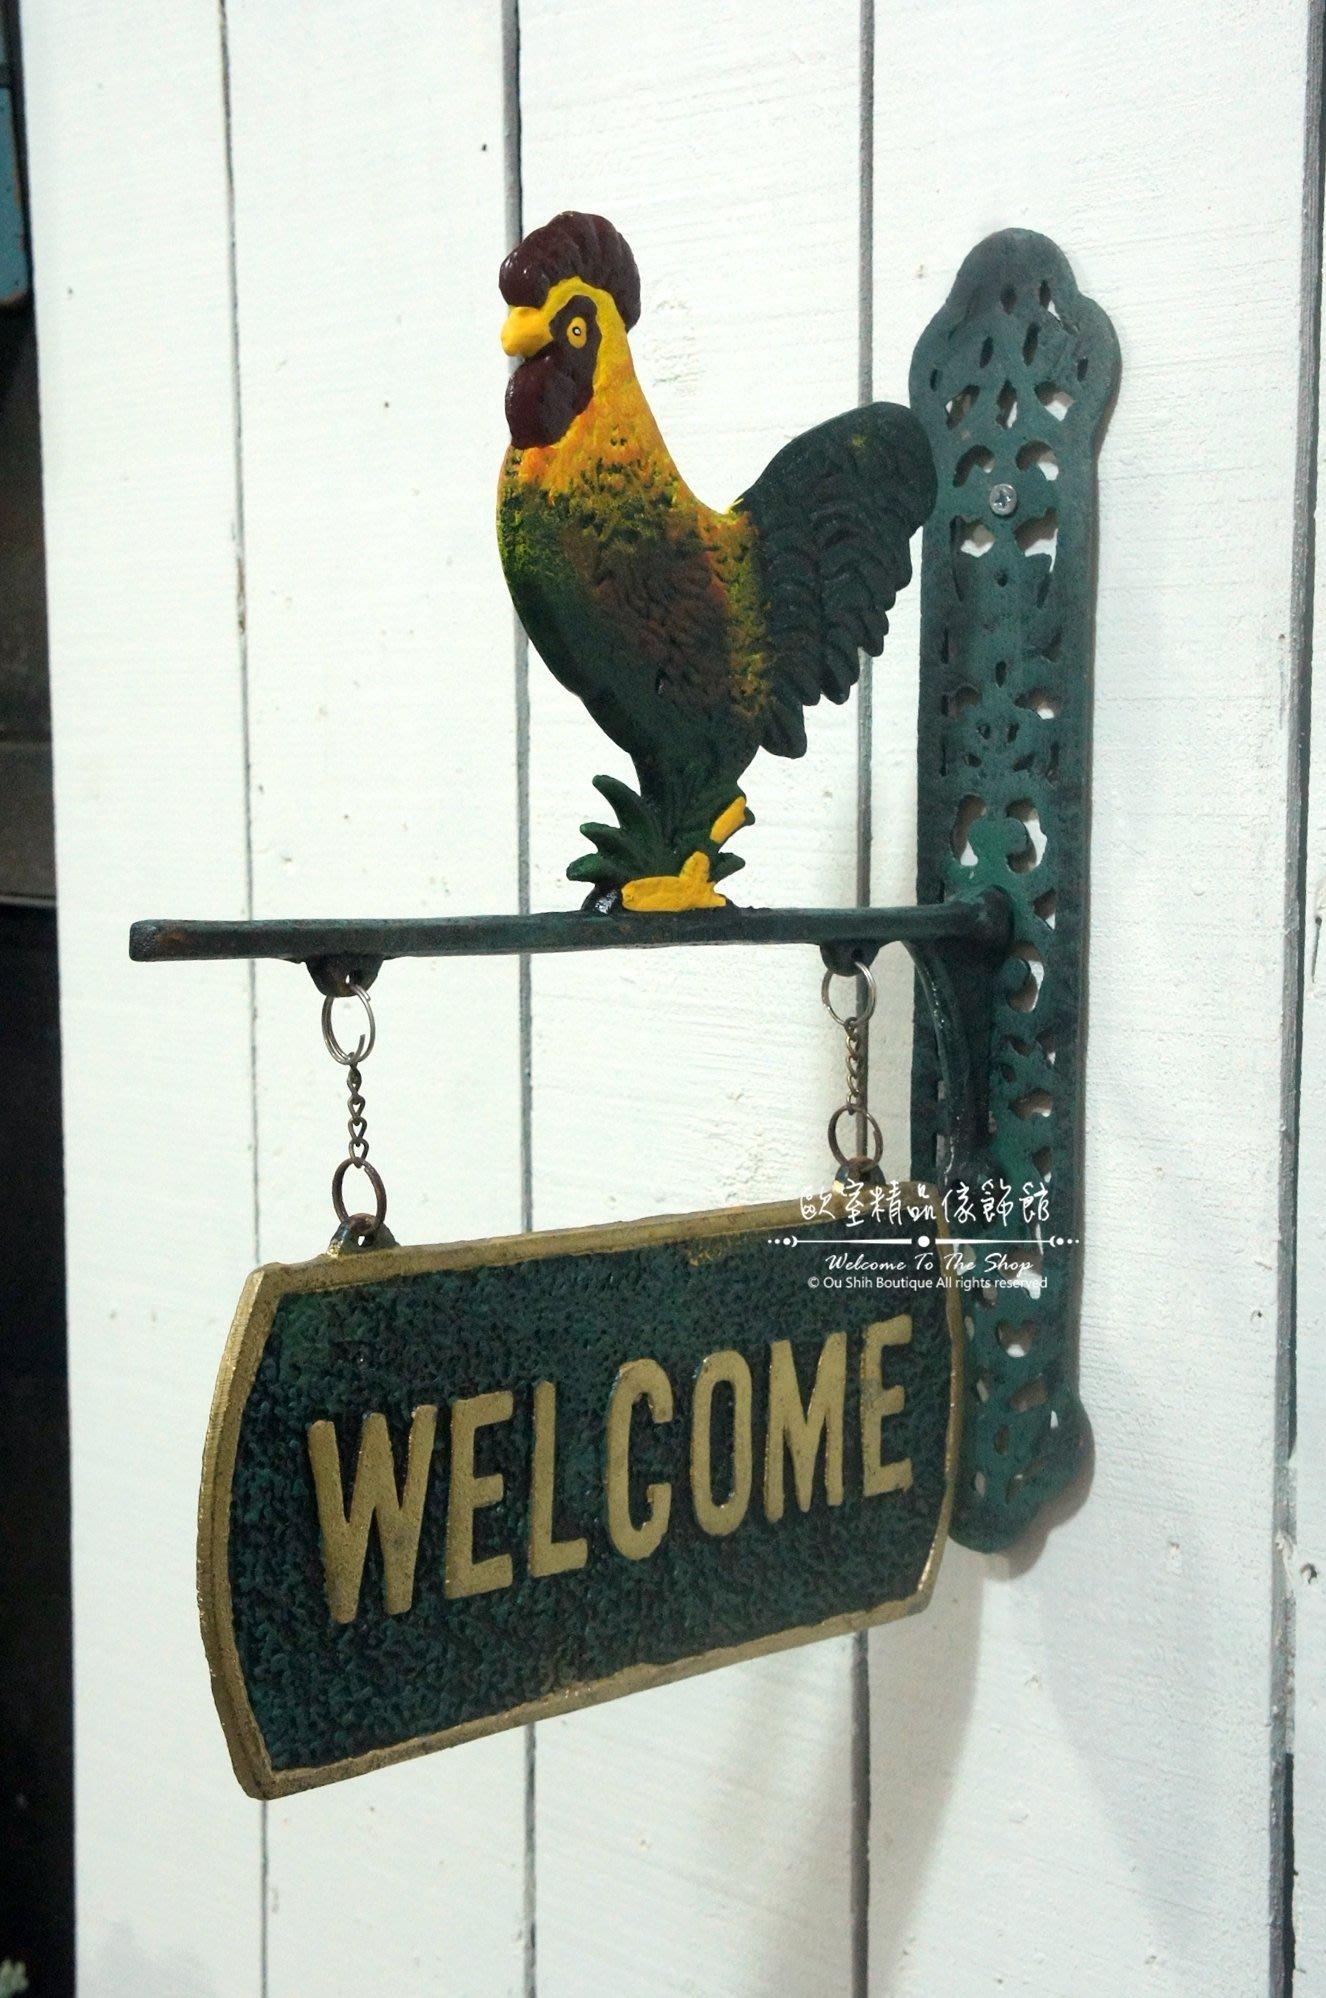 ~*歐室精品傢飾館*~鄉村風格 鑄鐵 彩色 公雞造型 歡迎光臨 welcome 迎賓 門牌 壁飾 裝飾~新款上市~